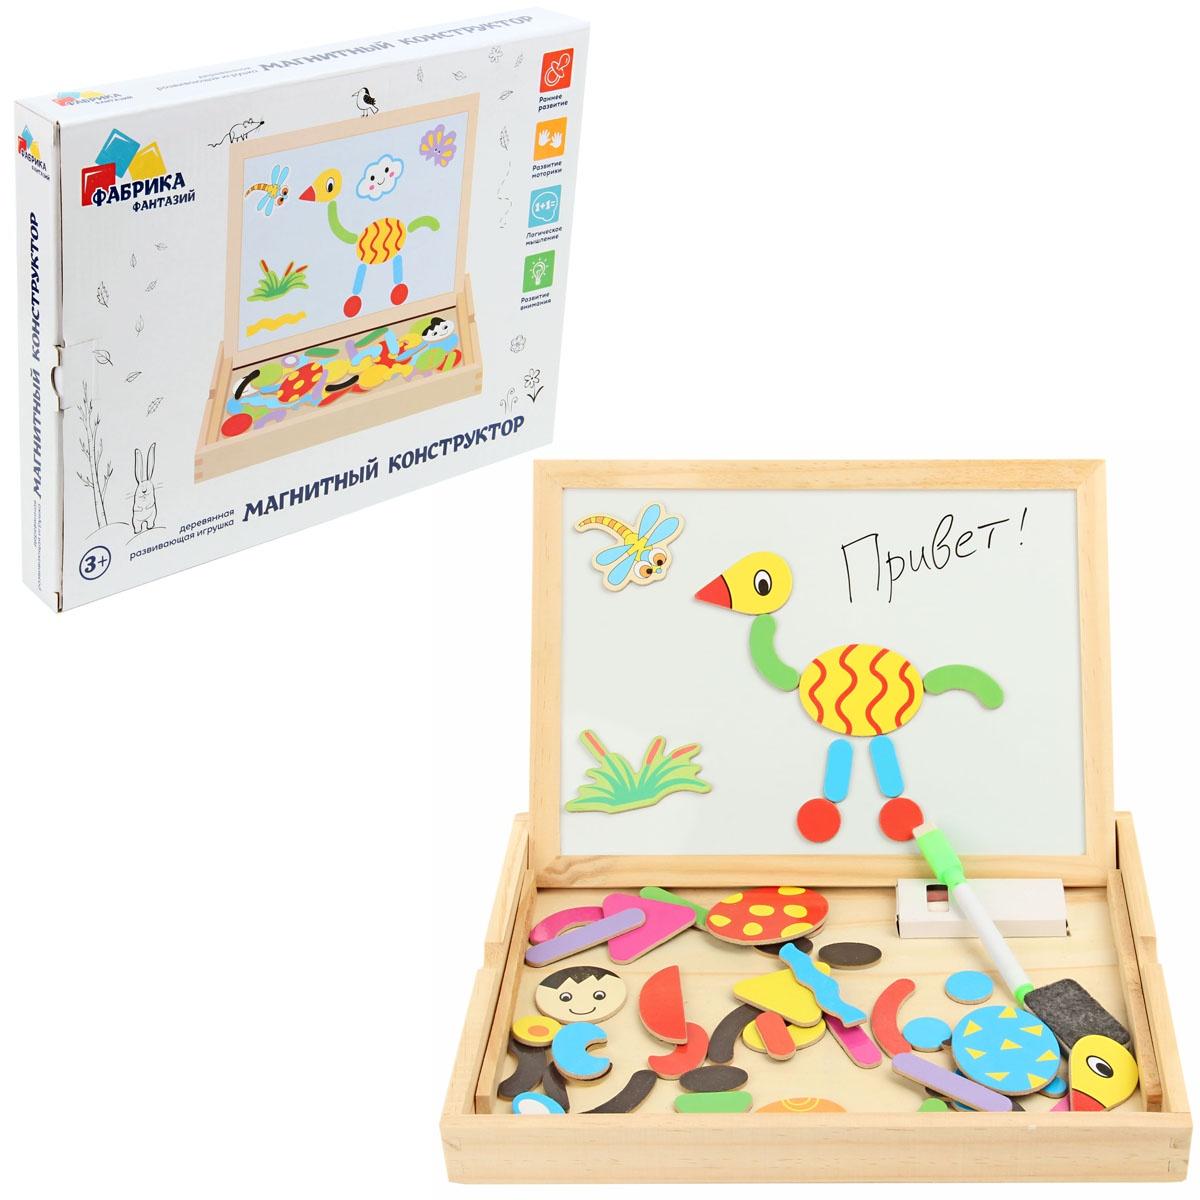 Развивающая игрушка Фабрика Фантазий 74643, 74643 фабрика фантазий обучающая игра фигурки животных чей малыш 60097